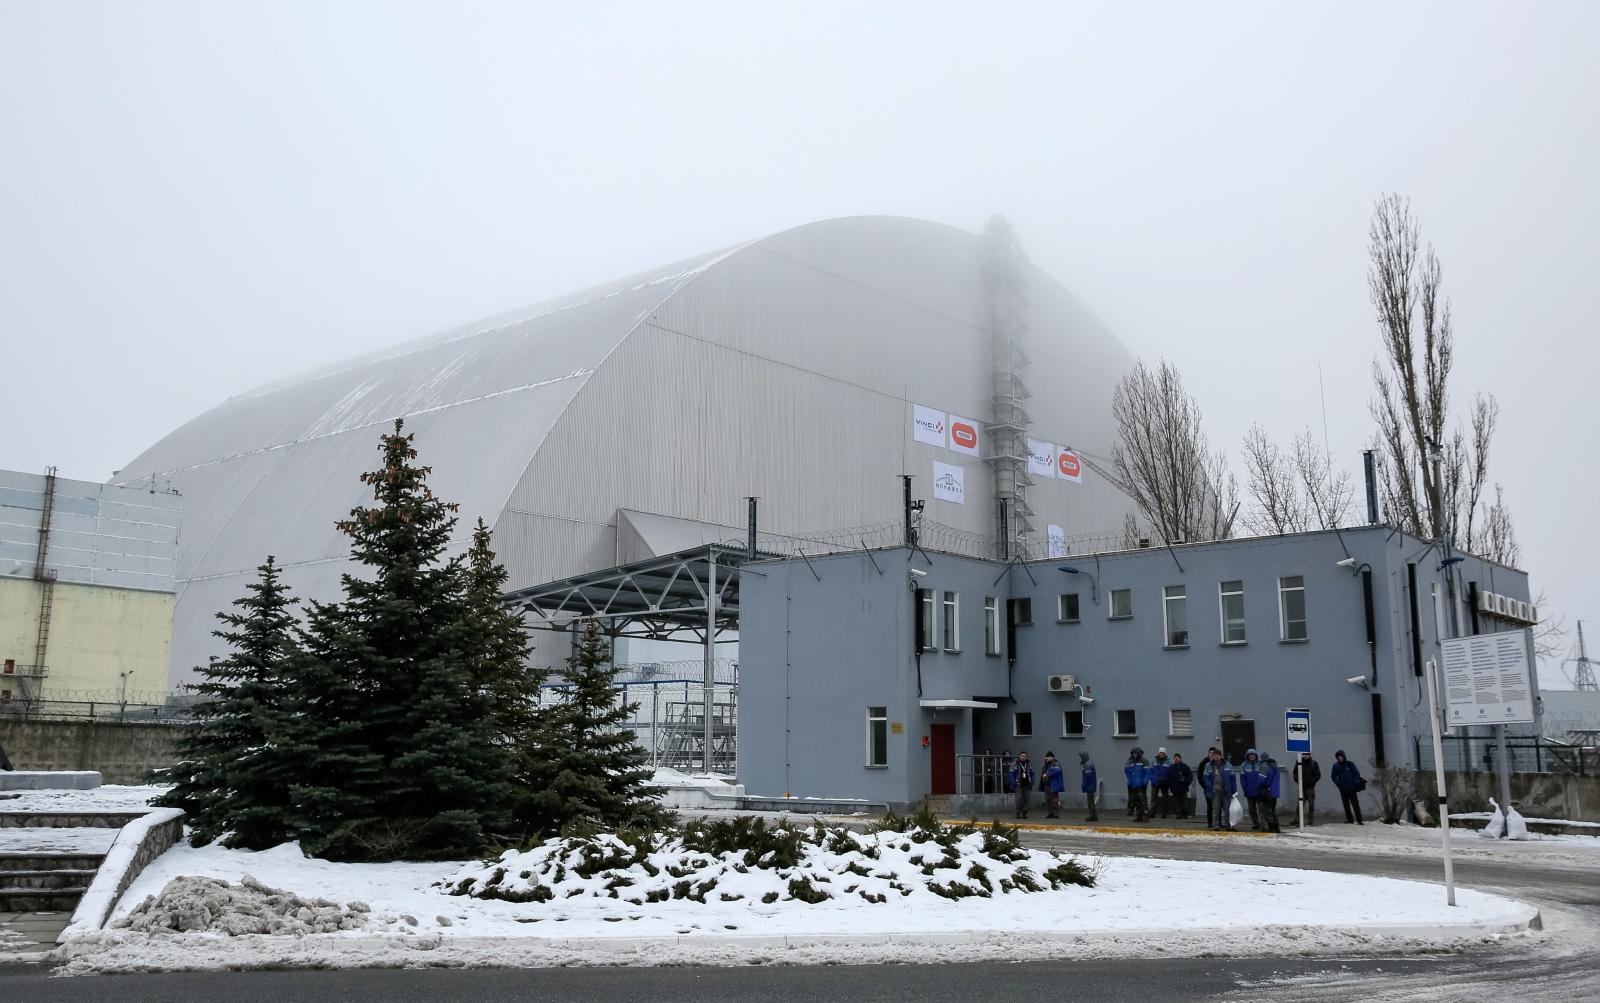 Nowy schron dla szczątków reaktora jądrowego w Czarnobylu na Ukrainie.  Fot. PAP/EPA/ROMAN PILIPEY